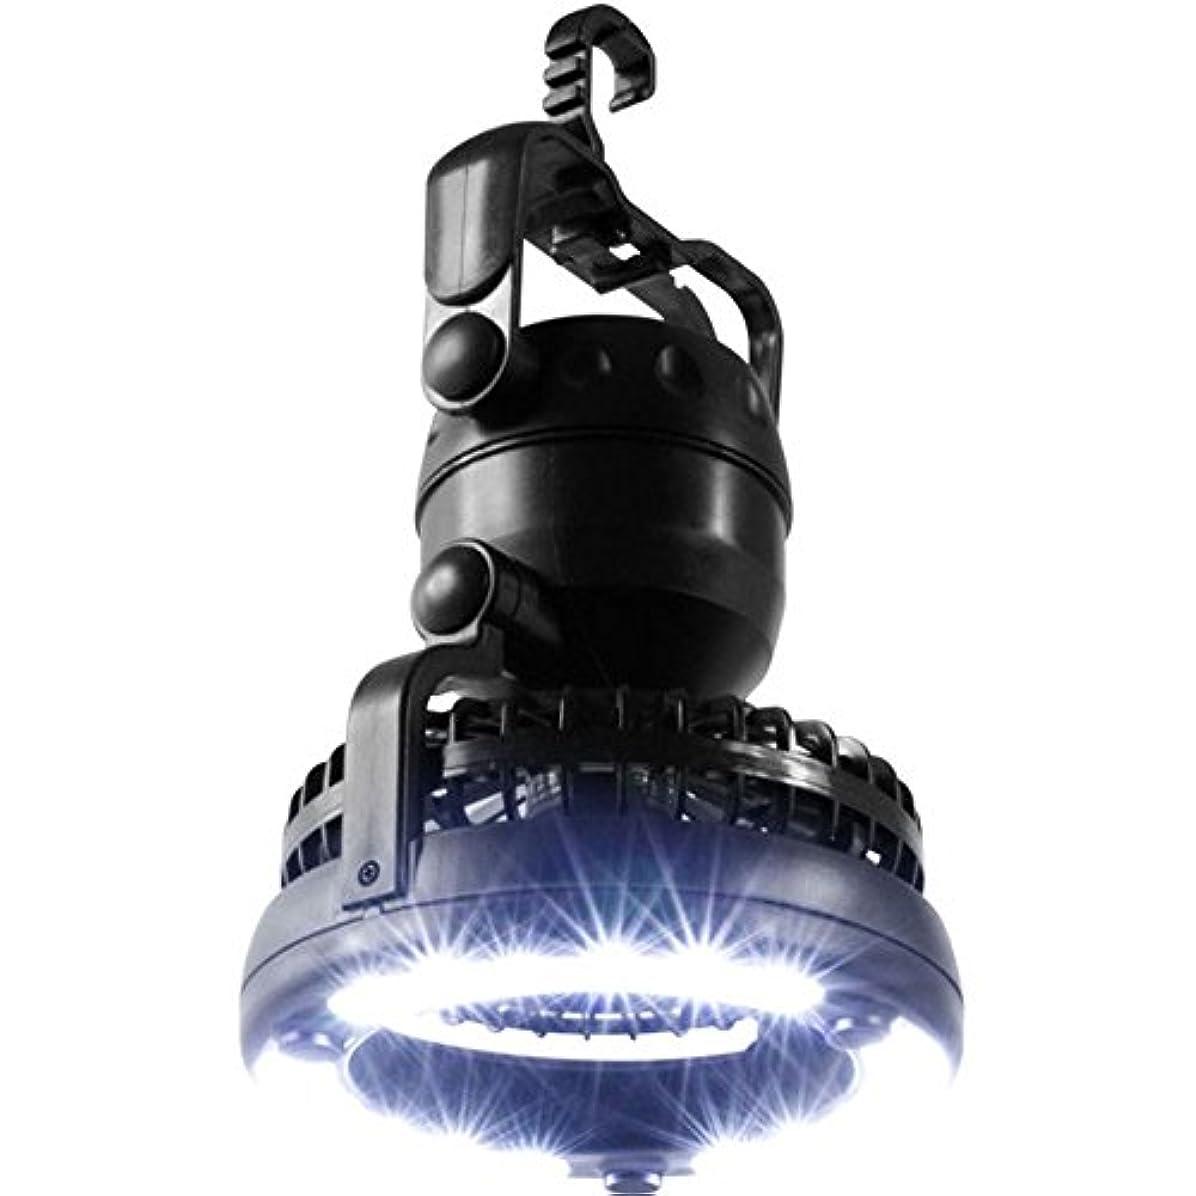 トランスミッションペデスタル枯れるLEDセンサーモーション活性化トイレライト電池式ナイトライト